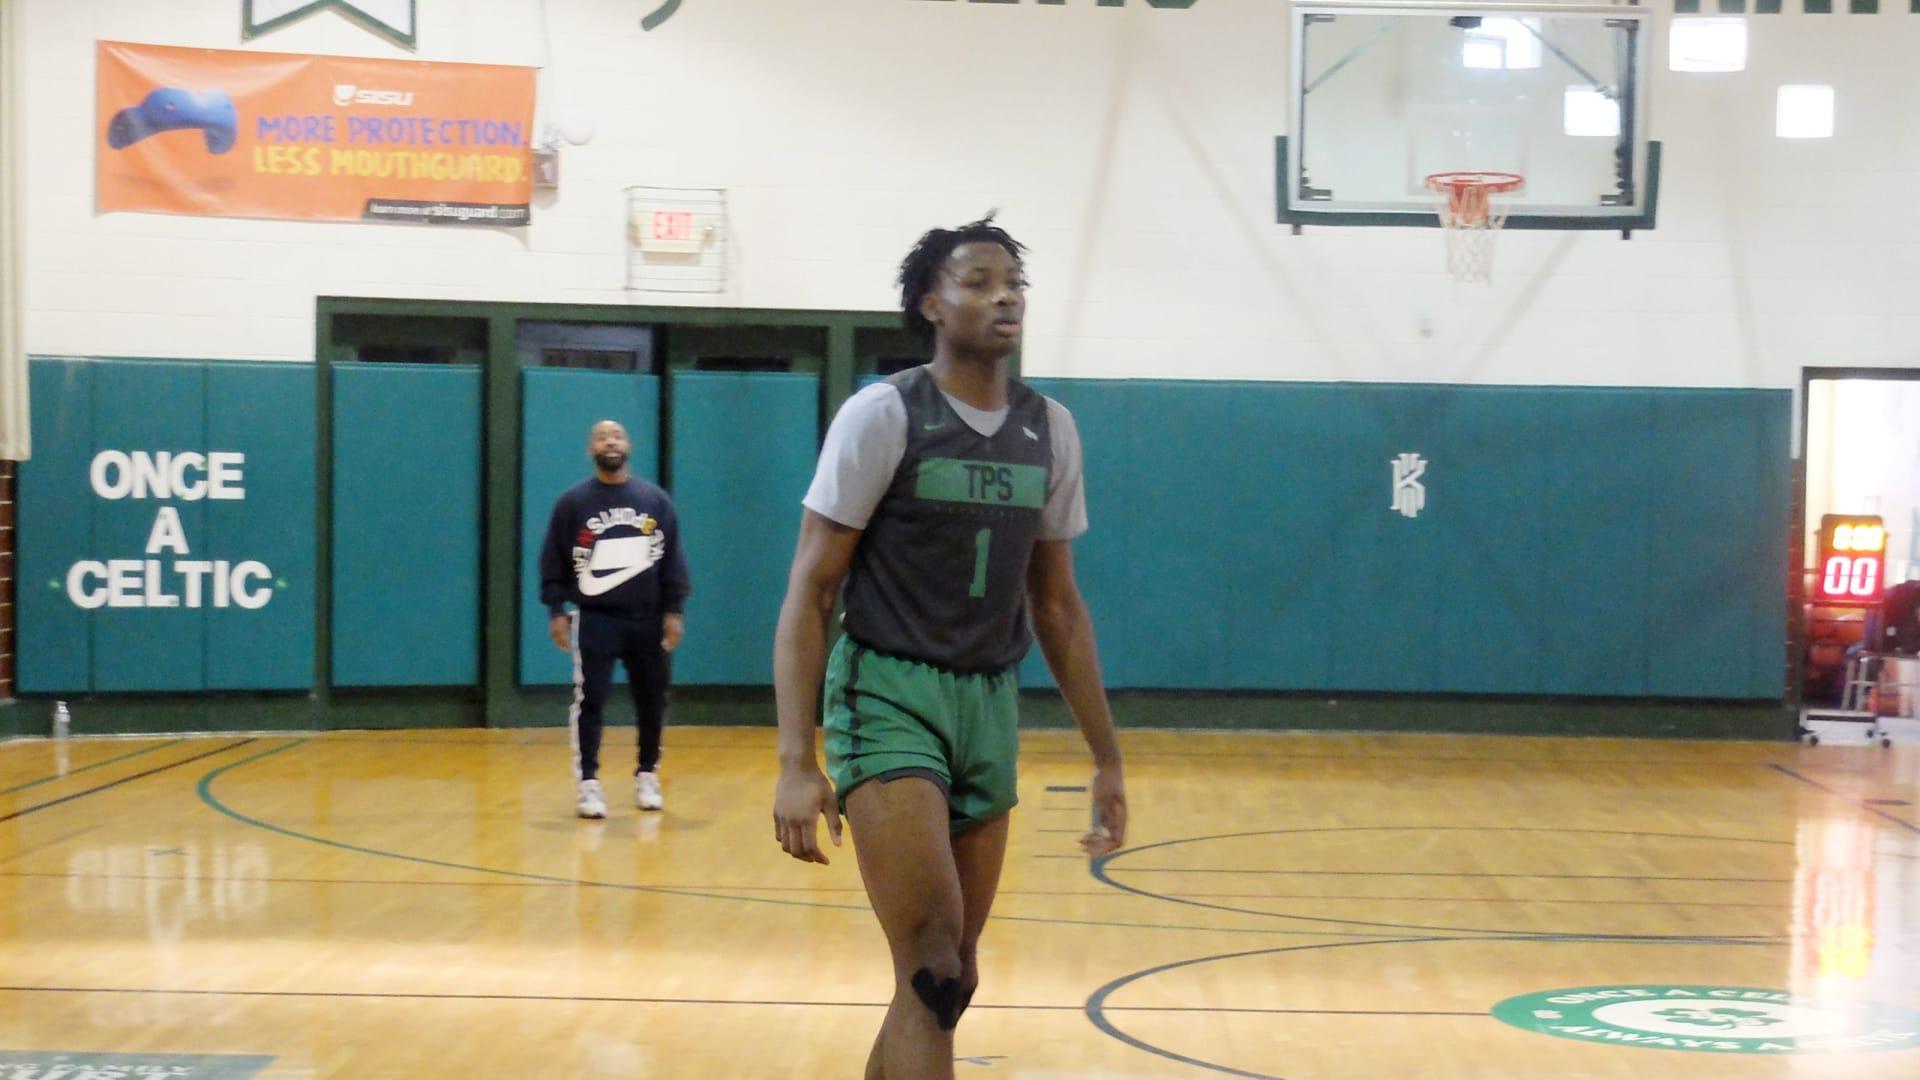 Duke basketball: Predicting landing spot for No. 1 recruit